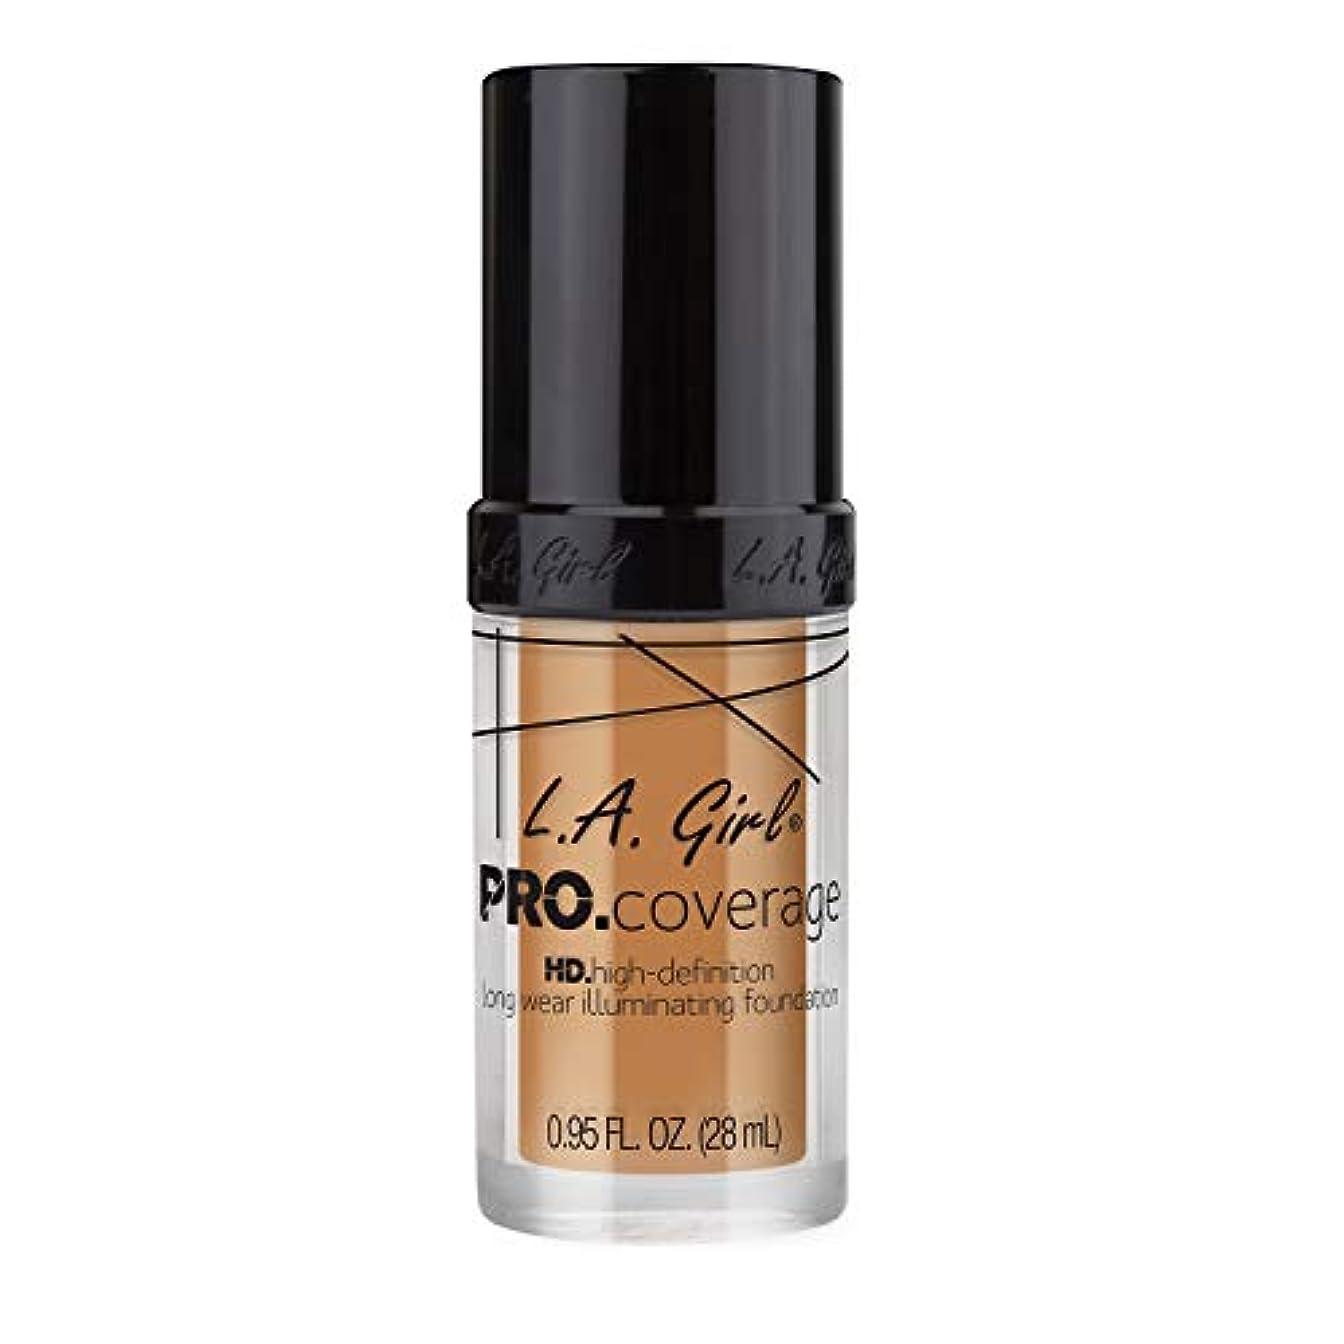 ヘクタールナプキンするだろう海外直送品 L.A. Girl Pro Coverage Liquid Foundation 28ml, Nude Beige